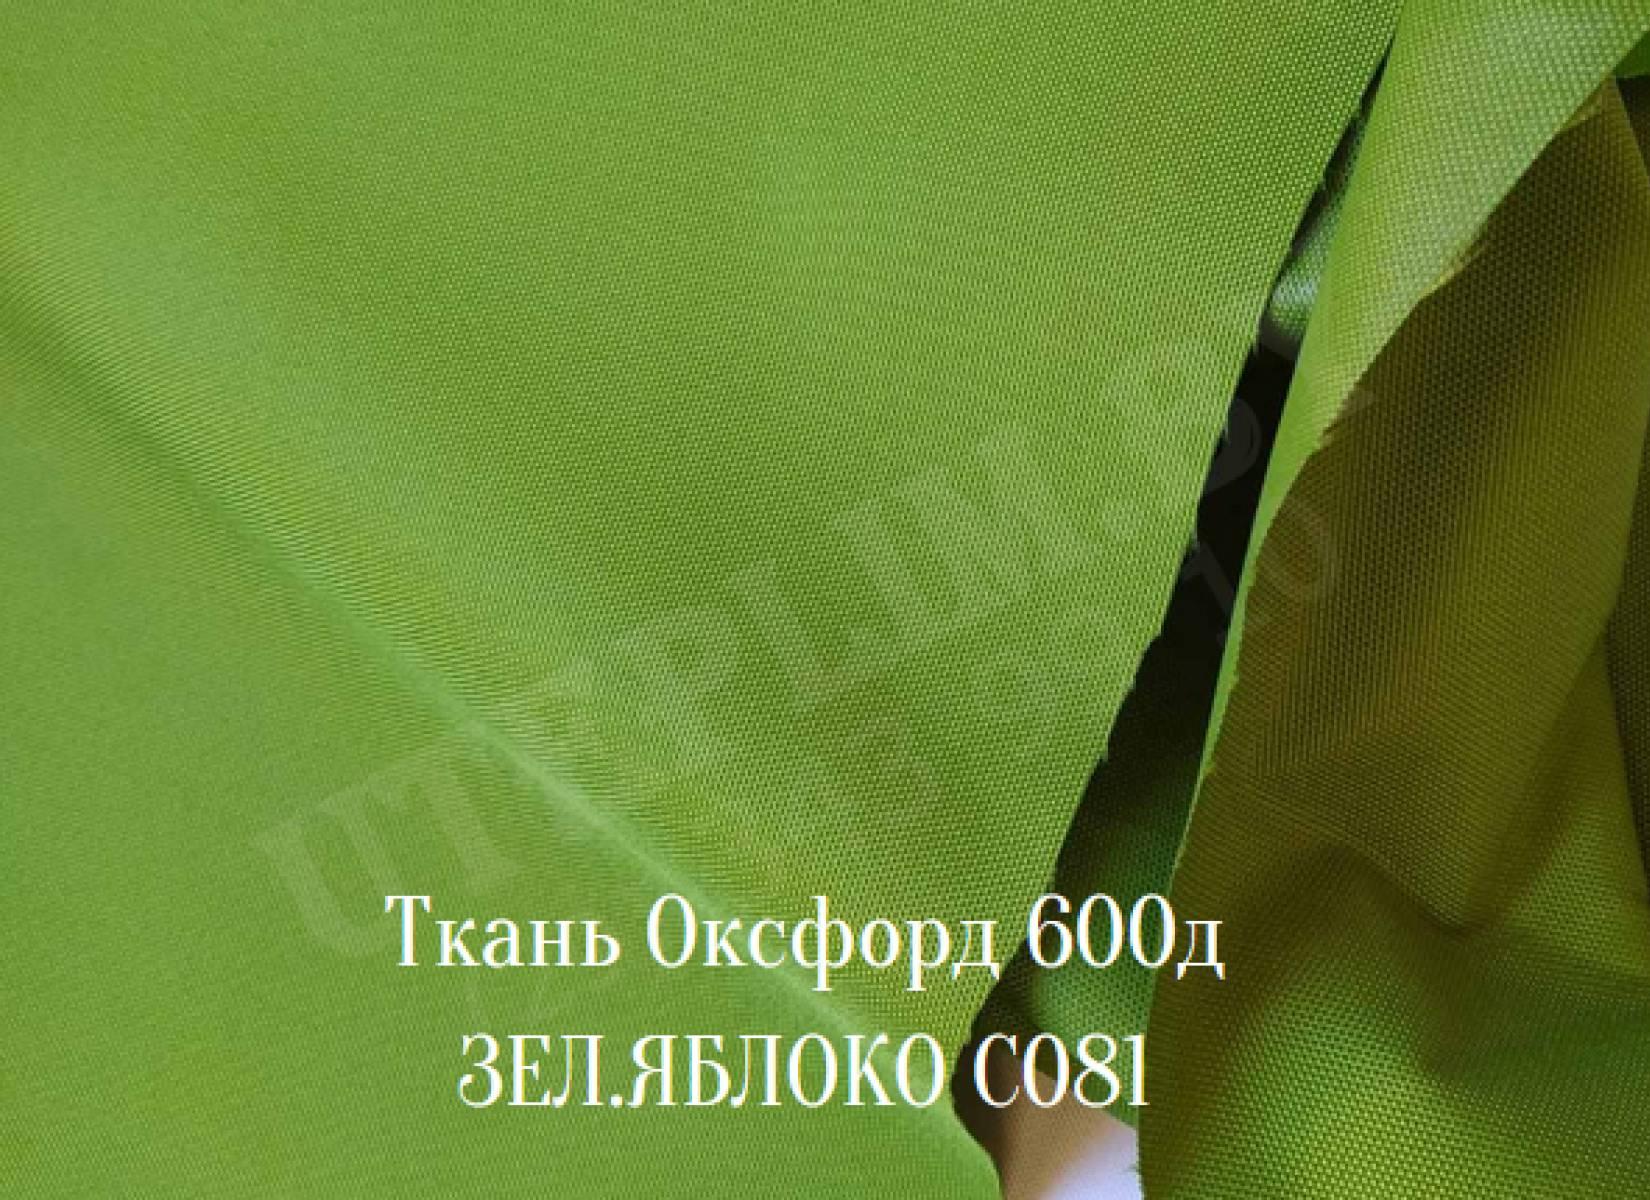 600д - зеленое яблоко с081